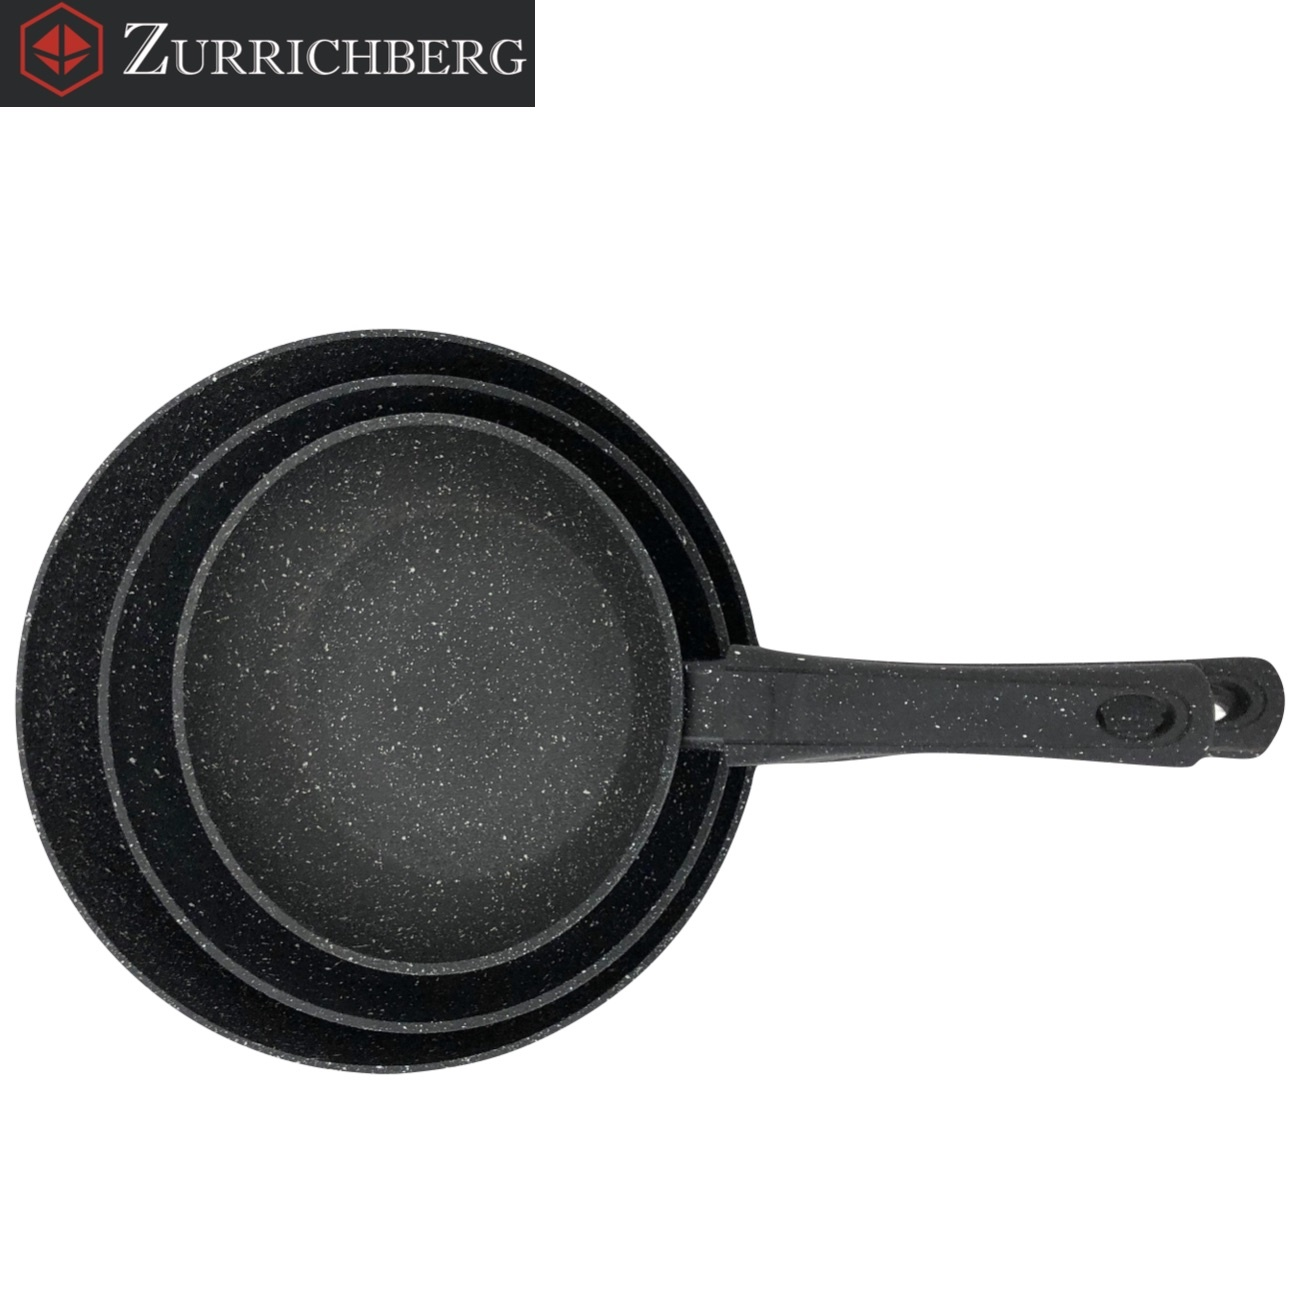 Zurrichberg Koekenpanset 3-delig met Marmer Coating